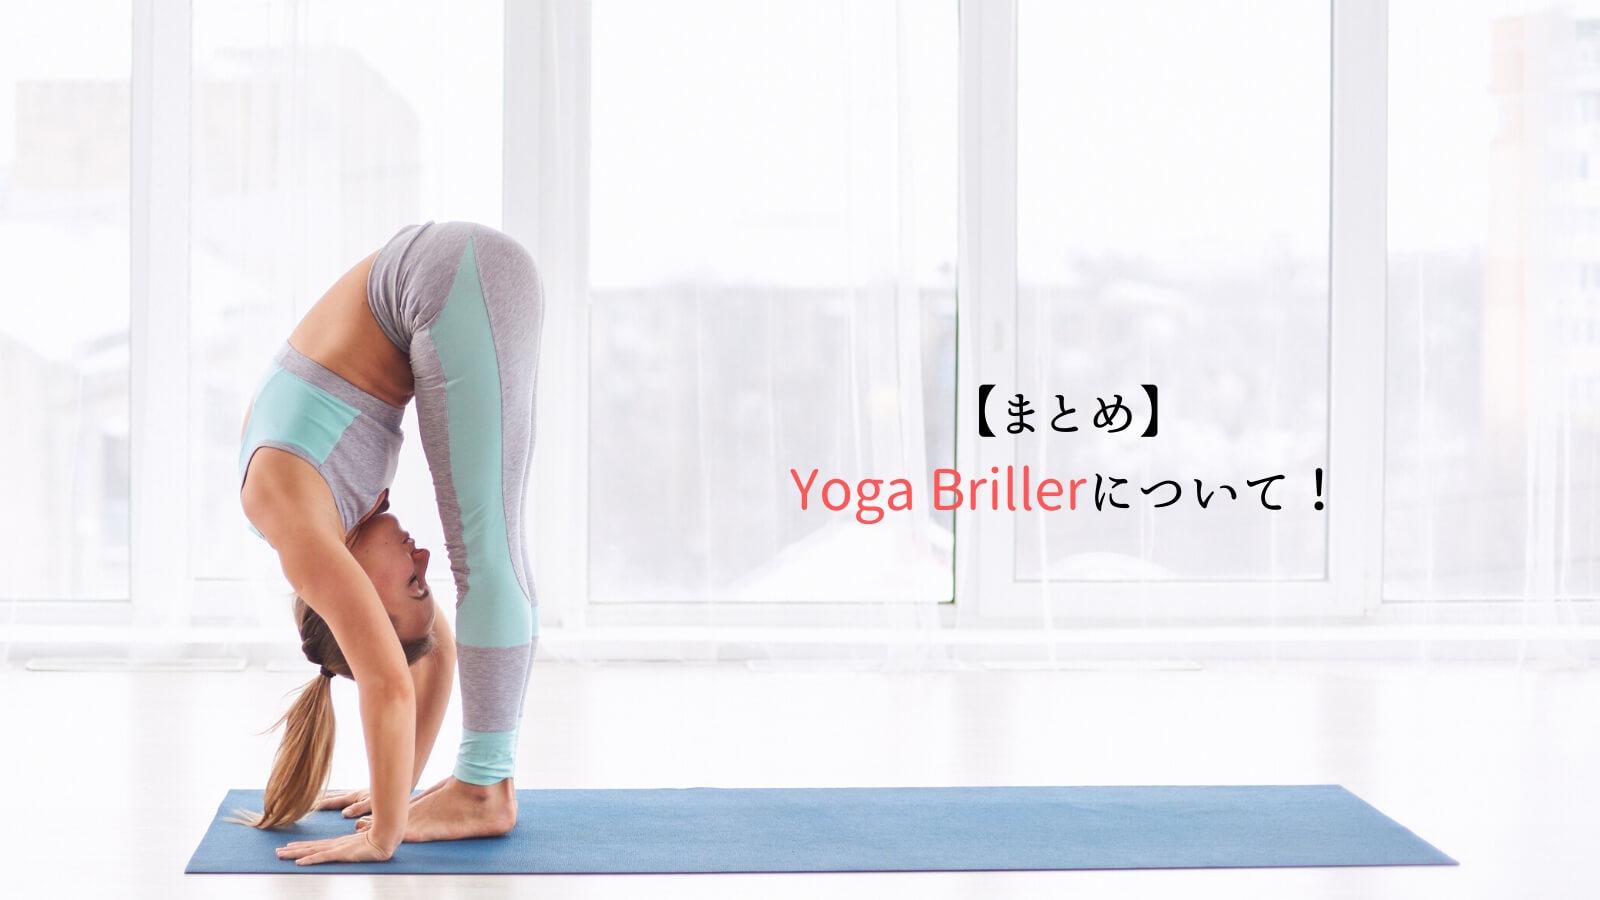 【まとめ】Yoga Briller紹介!